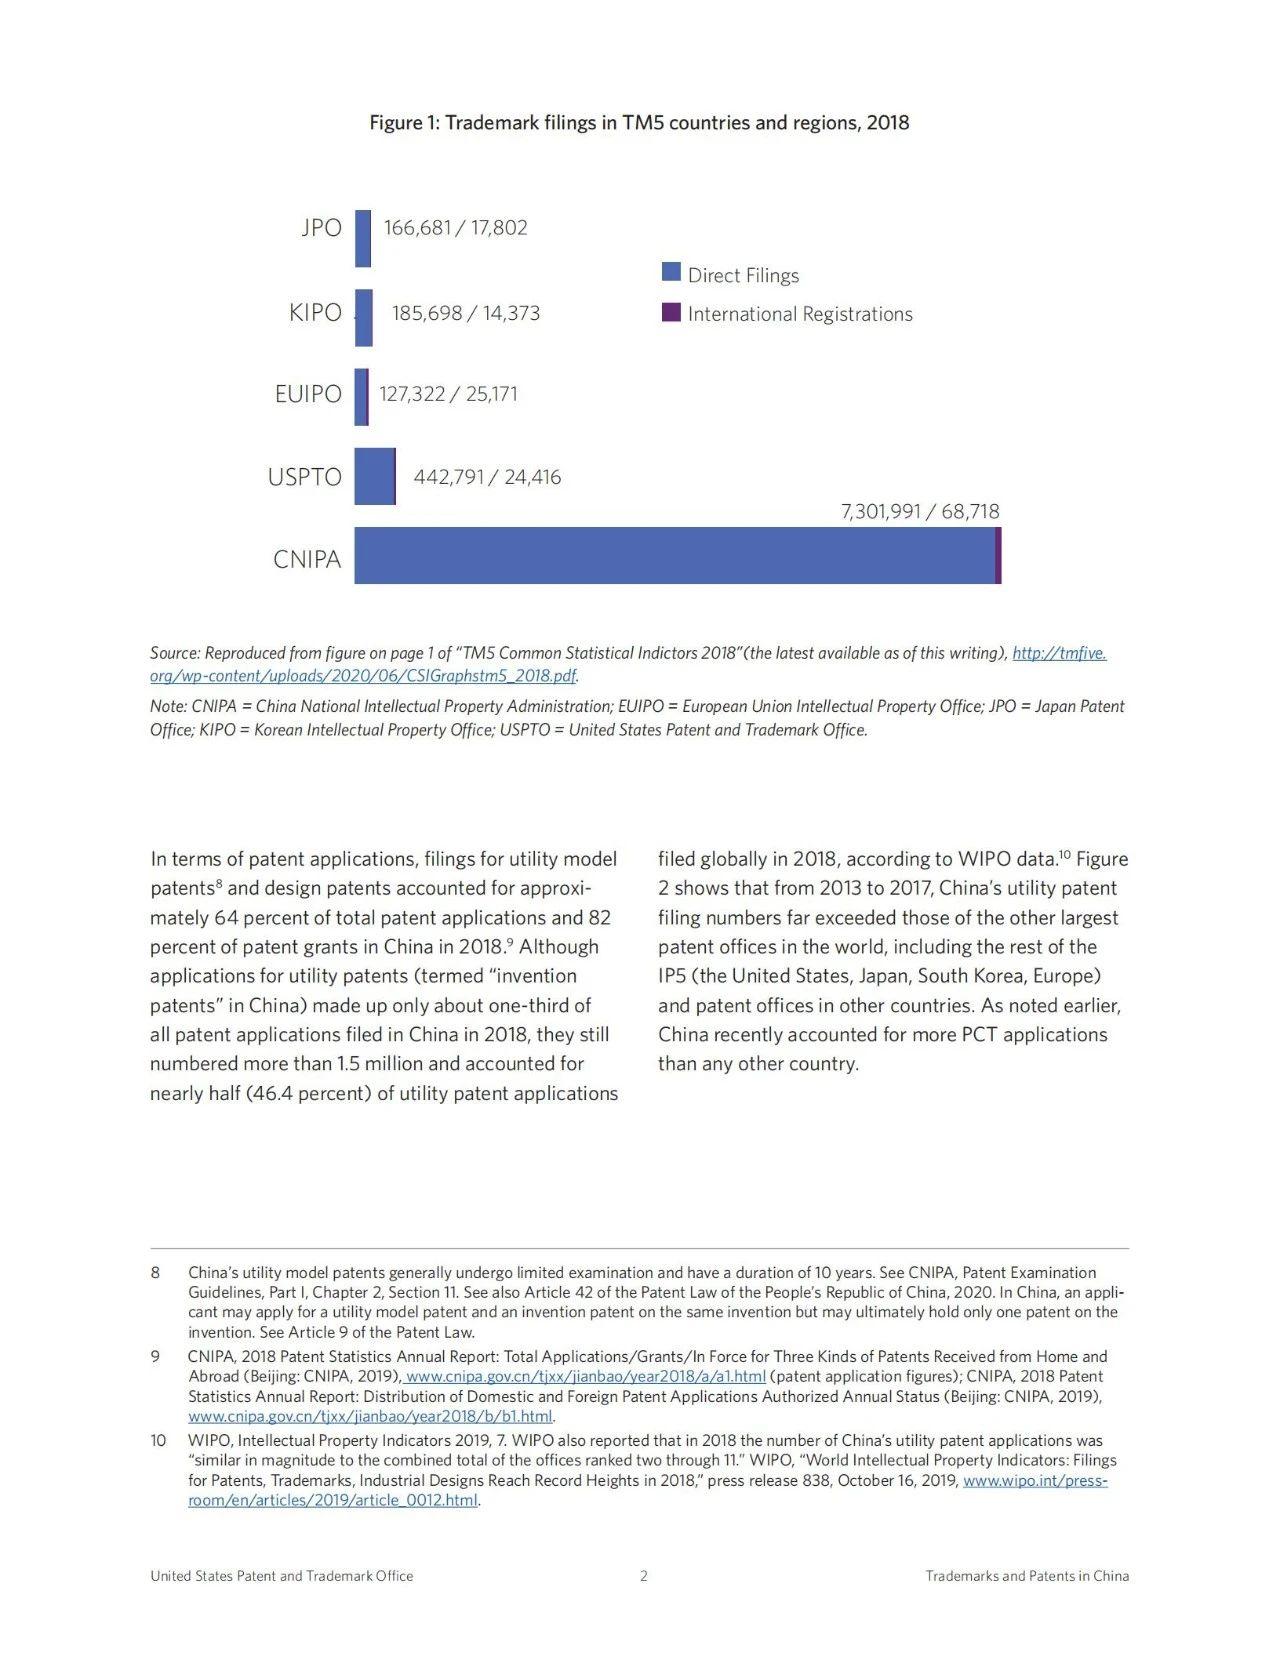 美国专利商标局(USPTO)发布针对我国专利和商标申请增长因素的调查报告